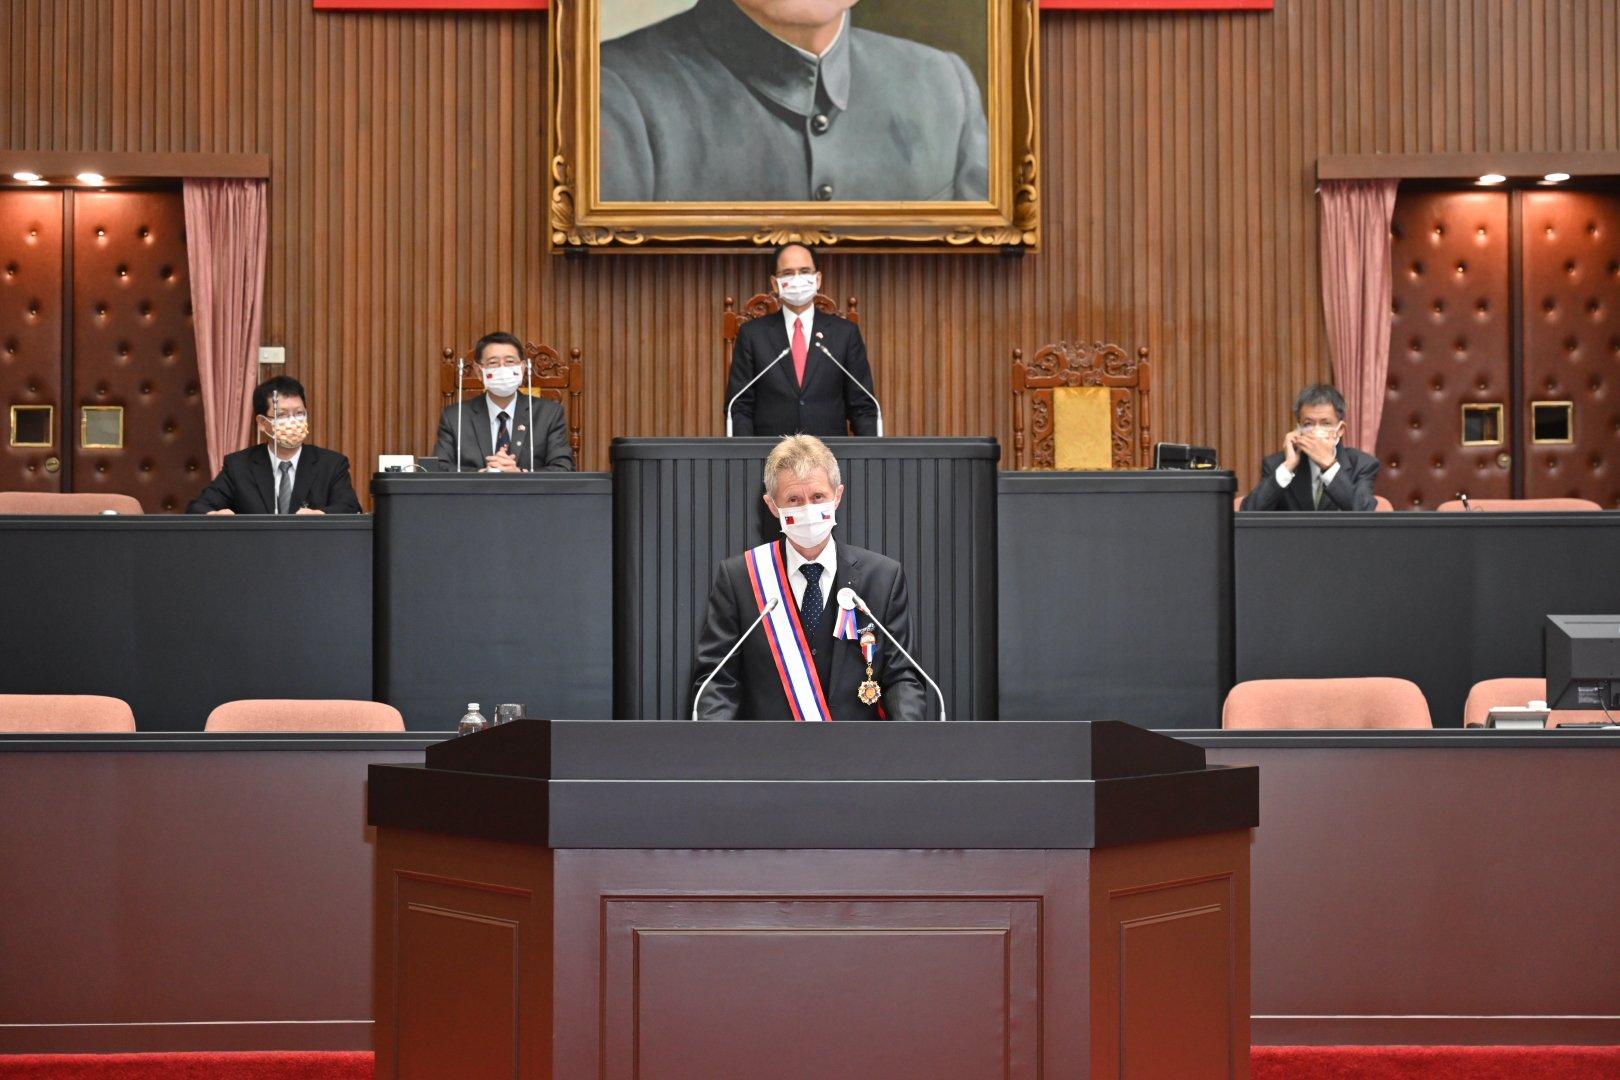 圖為捷克參議院議長維斯特奇爾(Miloš Vystrčil)2020年9月1日在台灣立法院發表演說,仿傚美國前總統甘迺迪「我是柏林人」名言,以中文「我是台灣人」,表達對台灣支持。專家等認為捷克議長此行意義大,牽出歐中台關係新格局。(立法院提供)